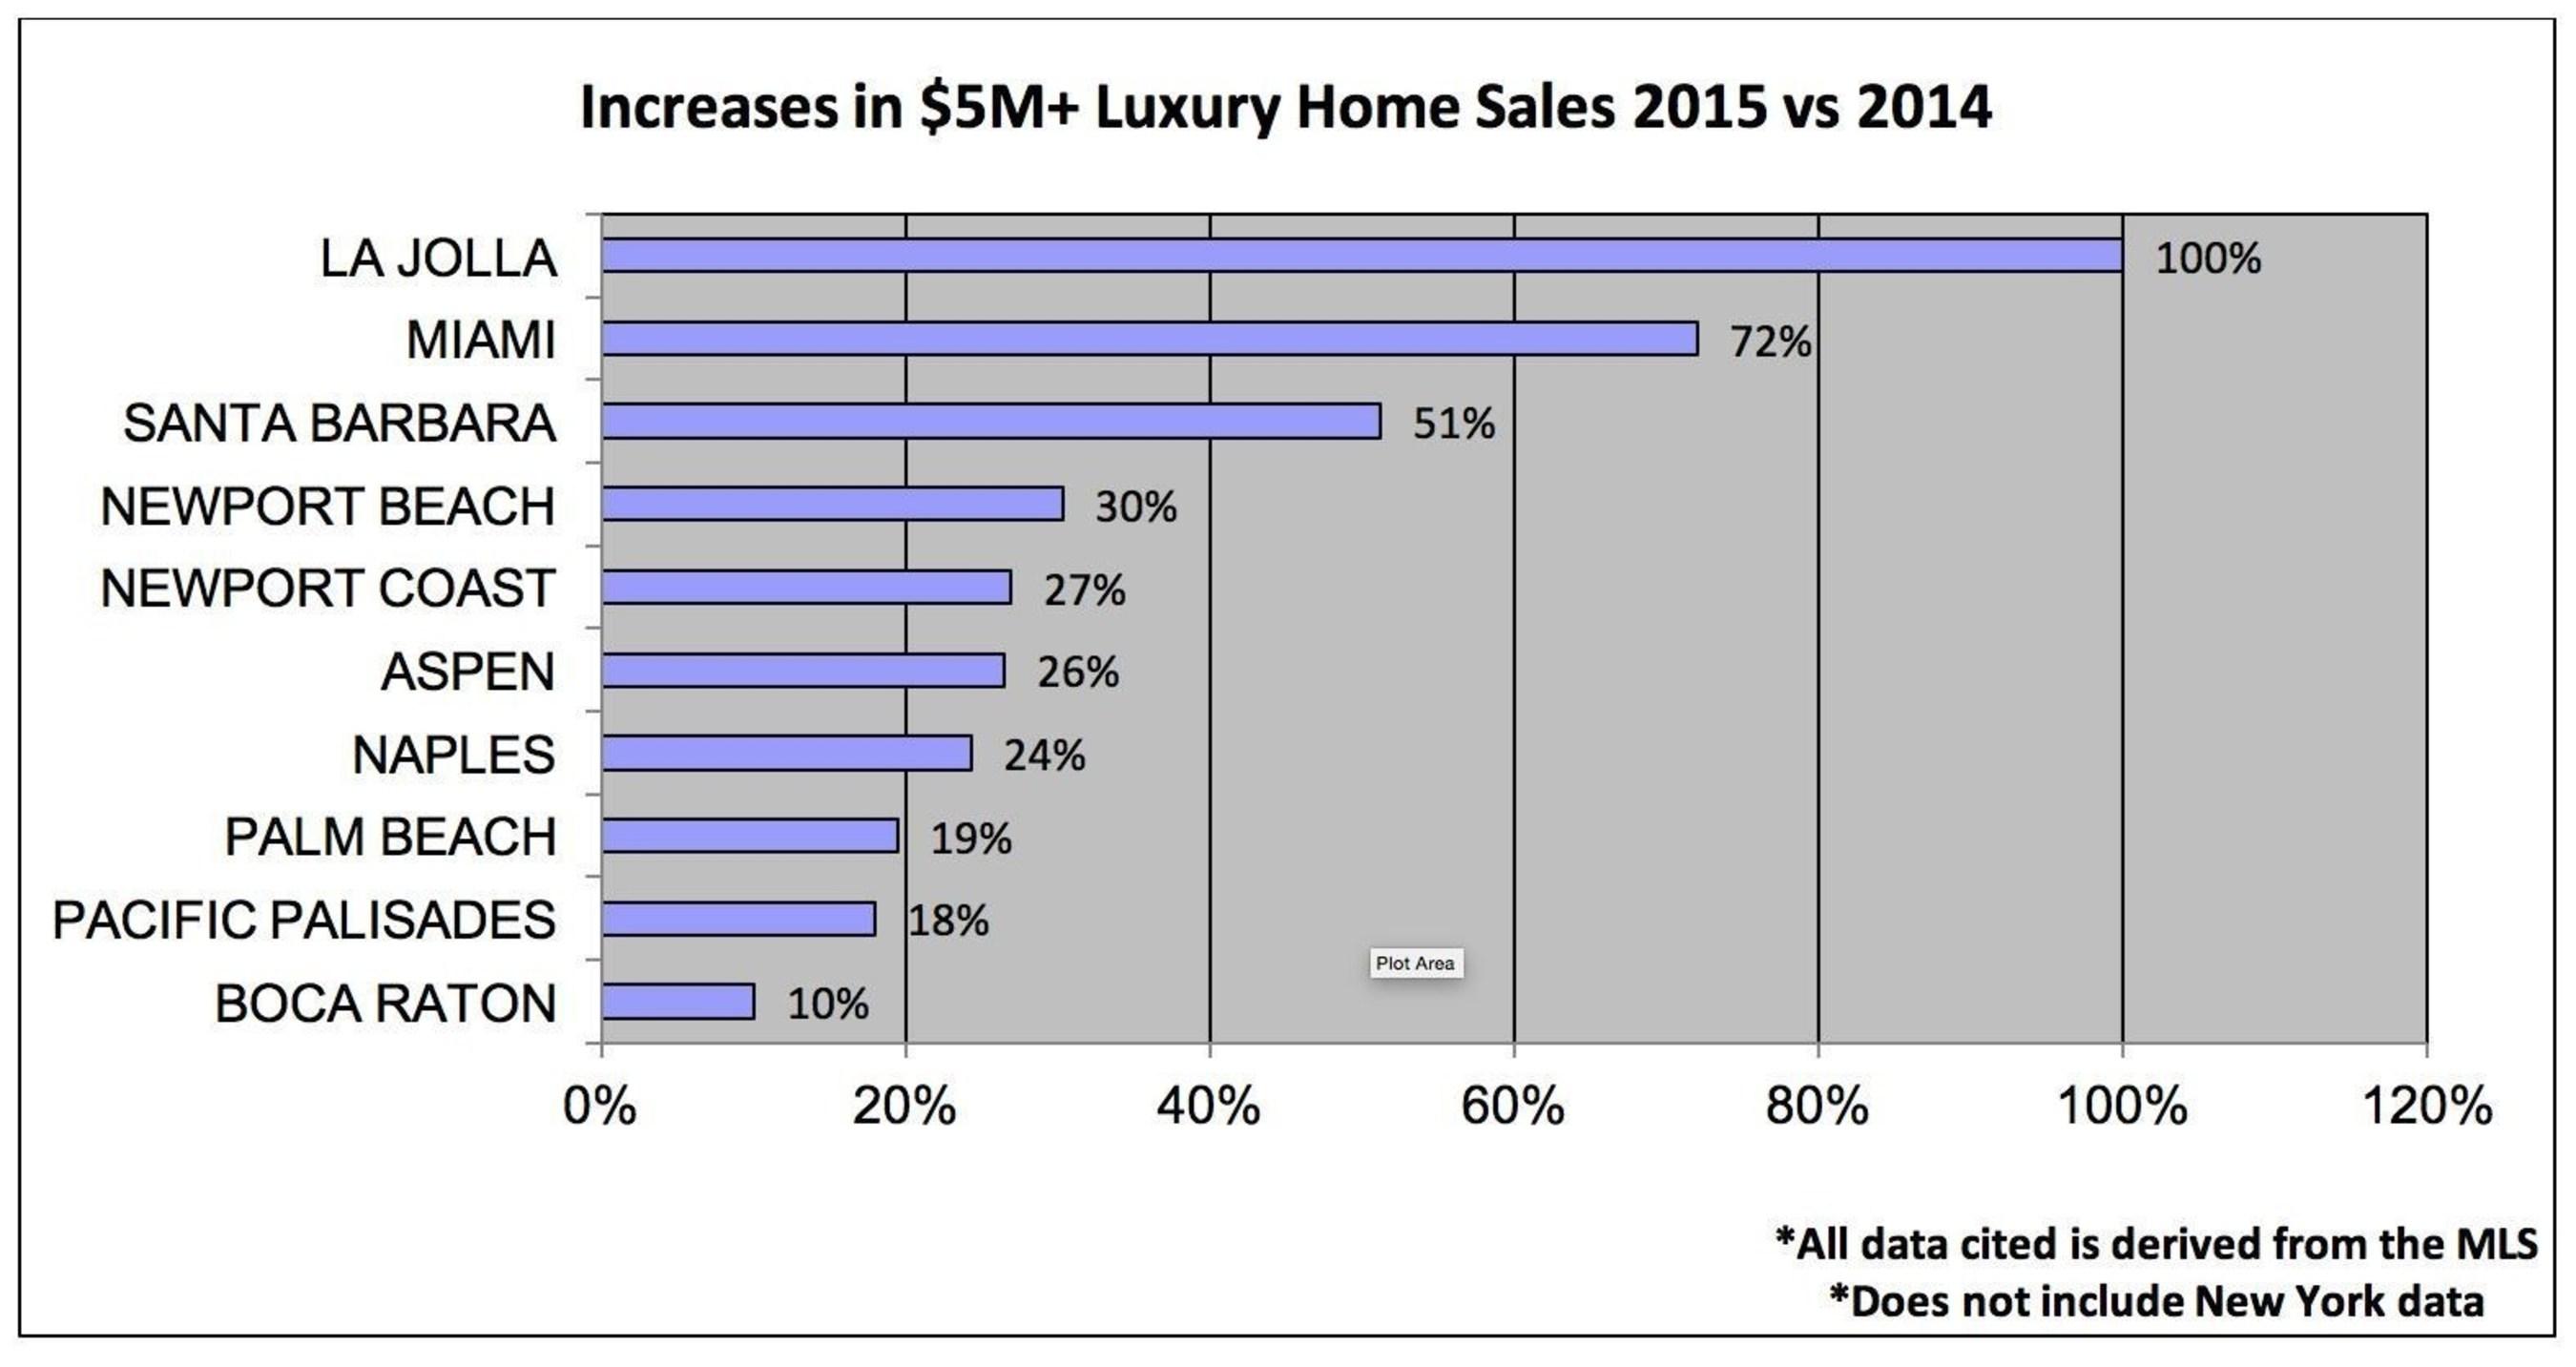 Increases in $5M+ Luxury Home Sales 2015 vs 2014